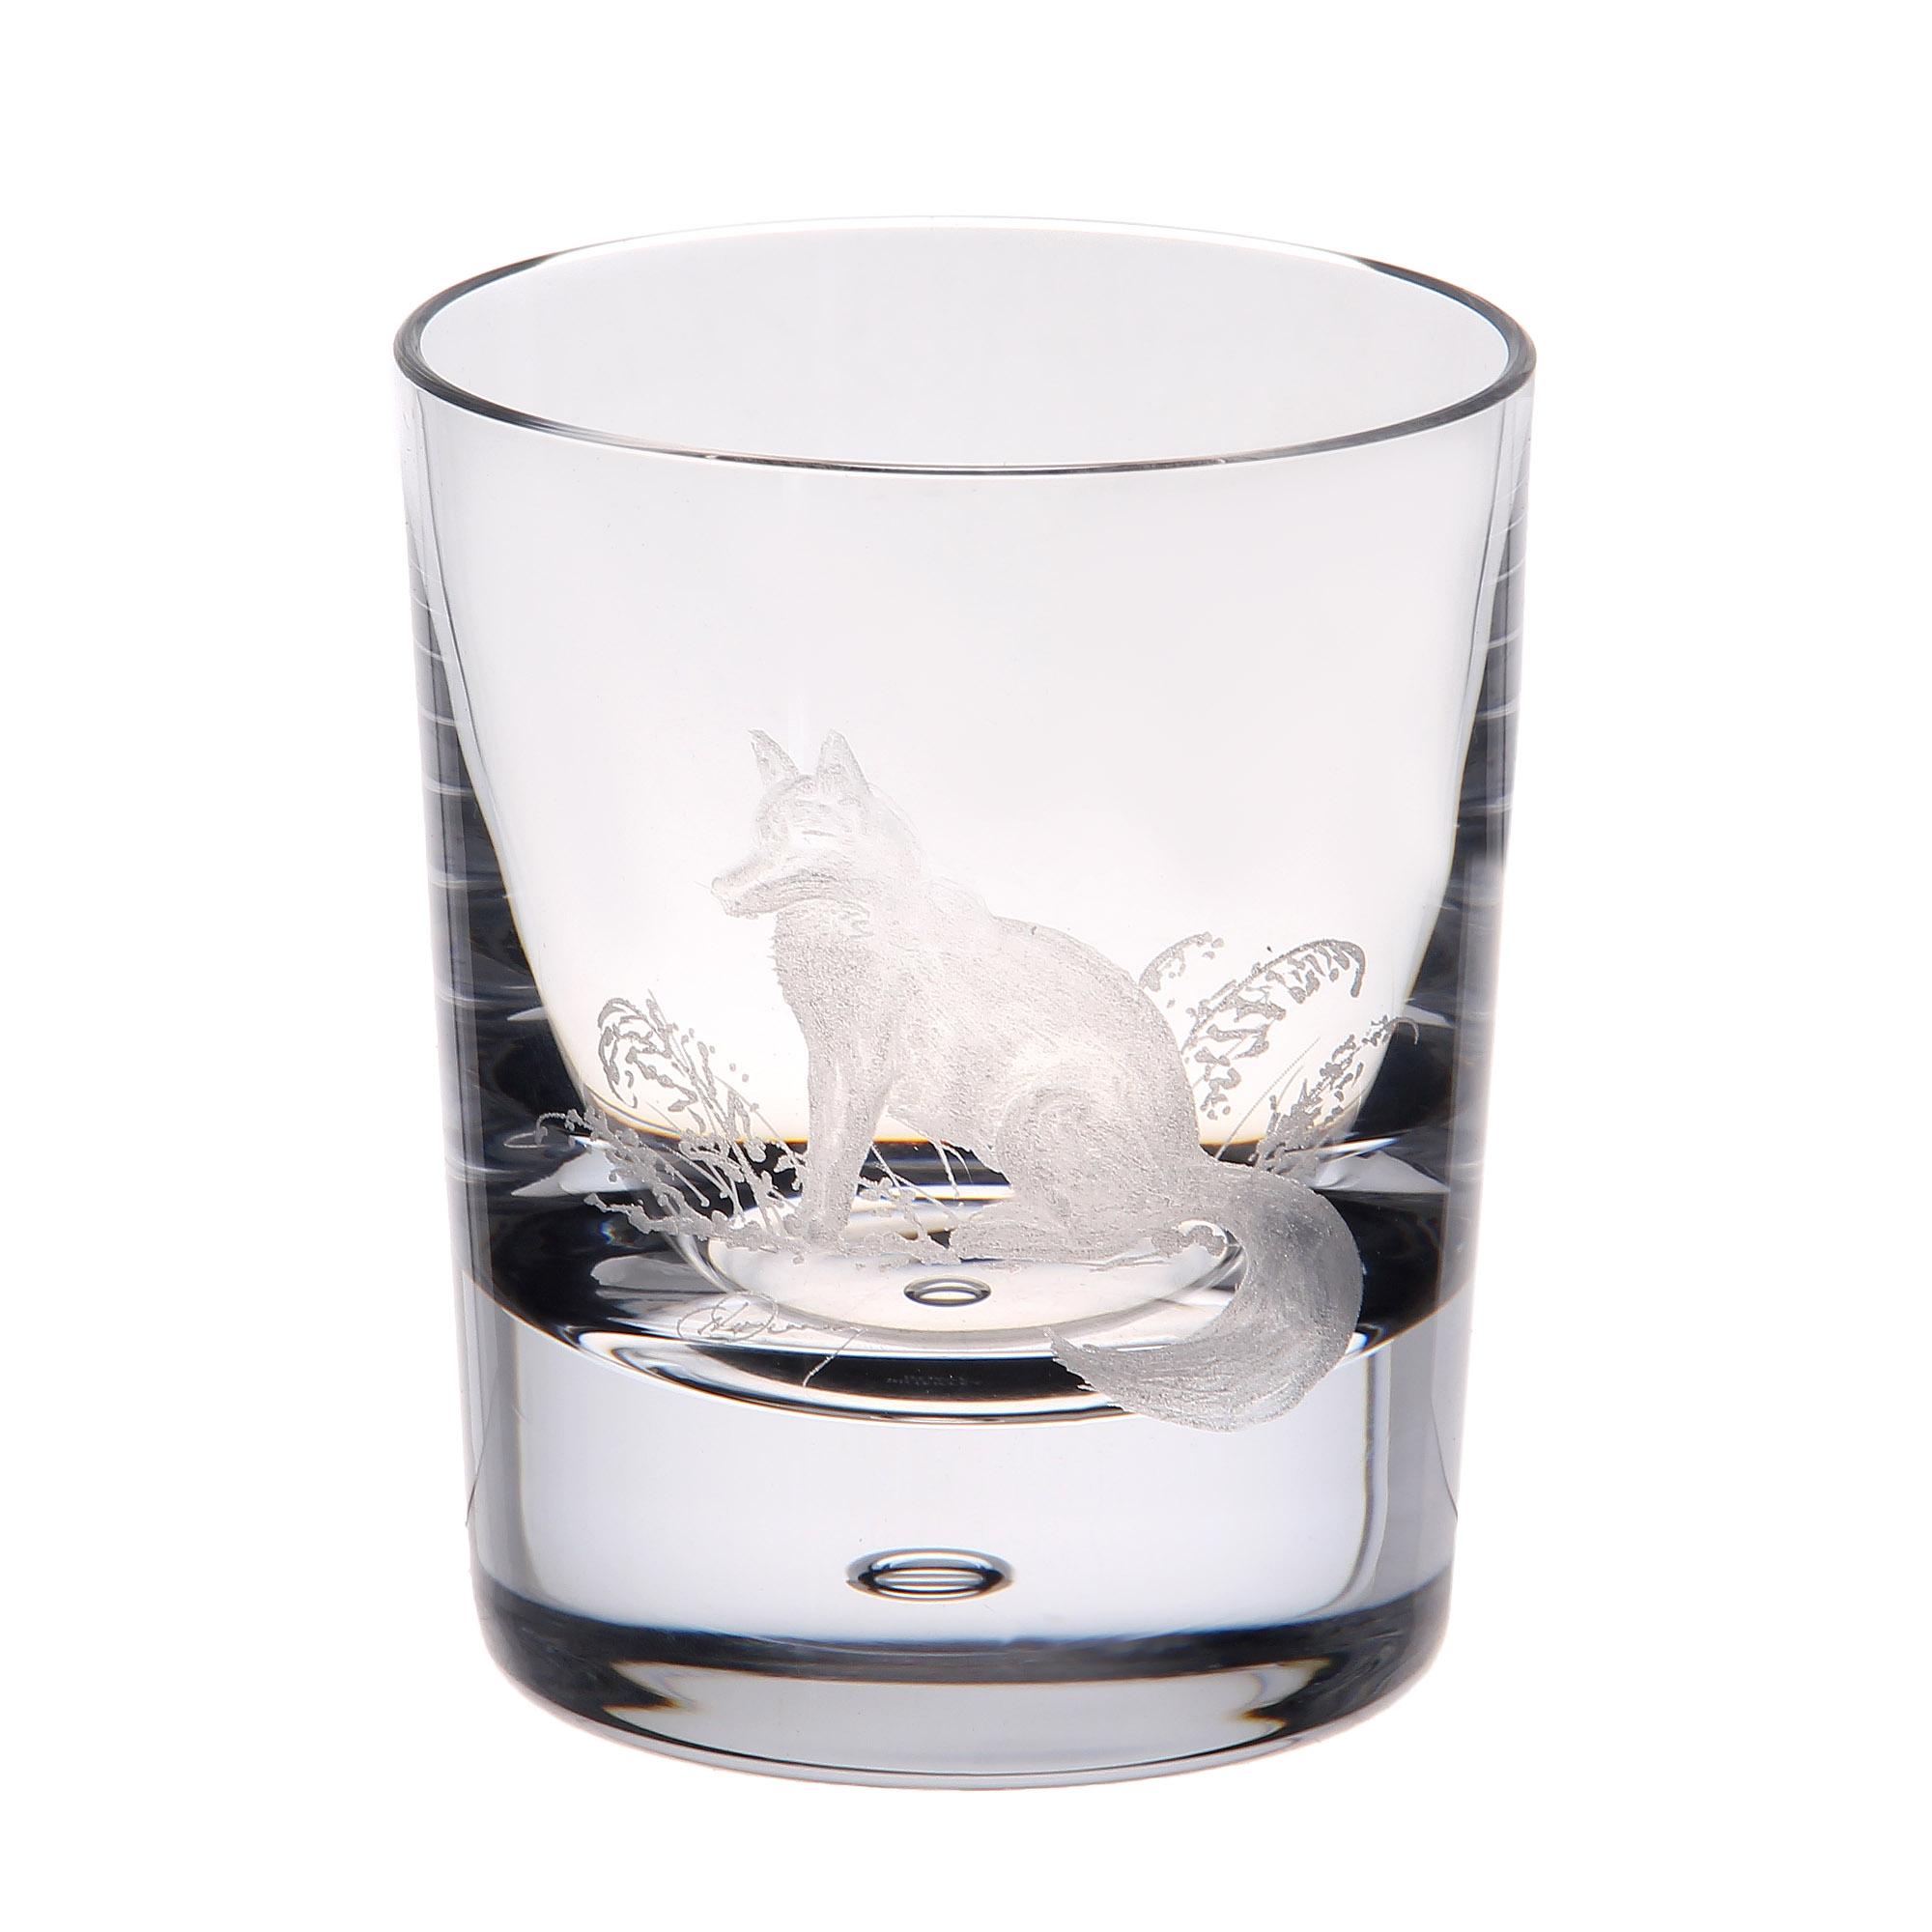 Купить Стакан для виски Dartington crystal engraved лиса 300мл, Великобритания, хрусталь ручной работы (24% свинца)